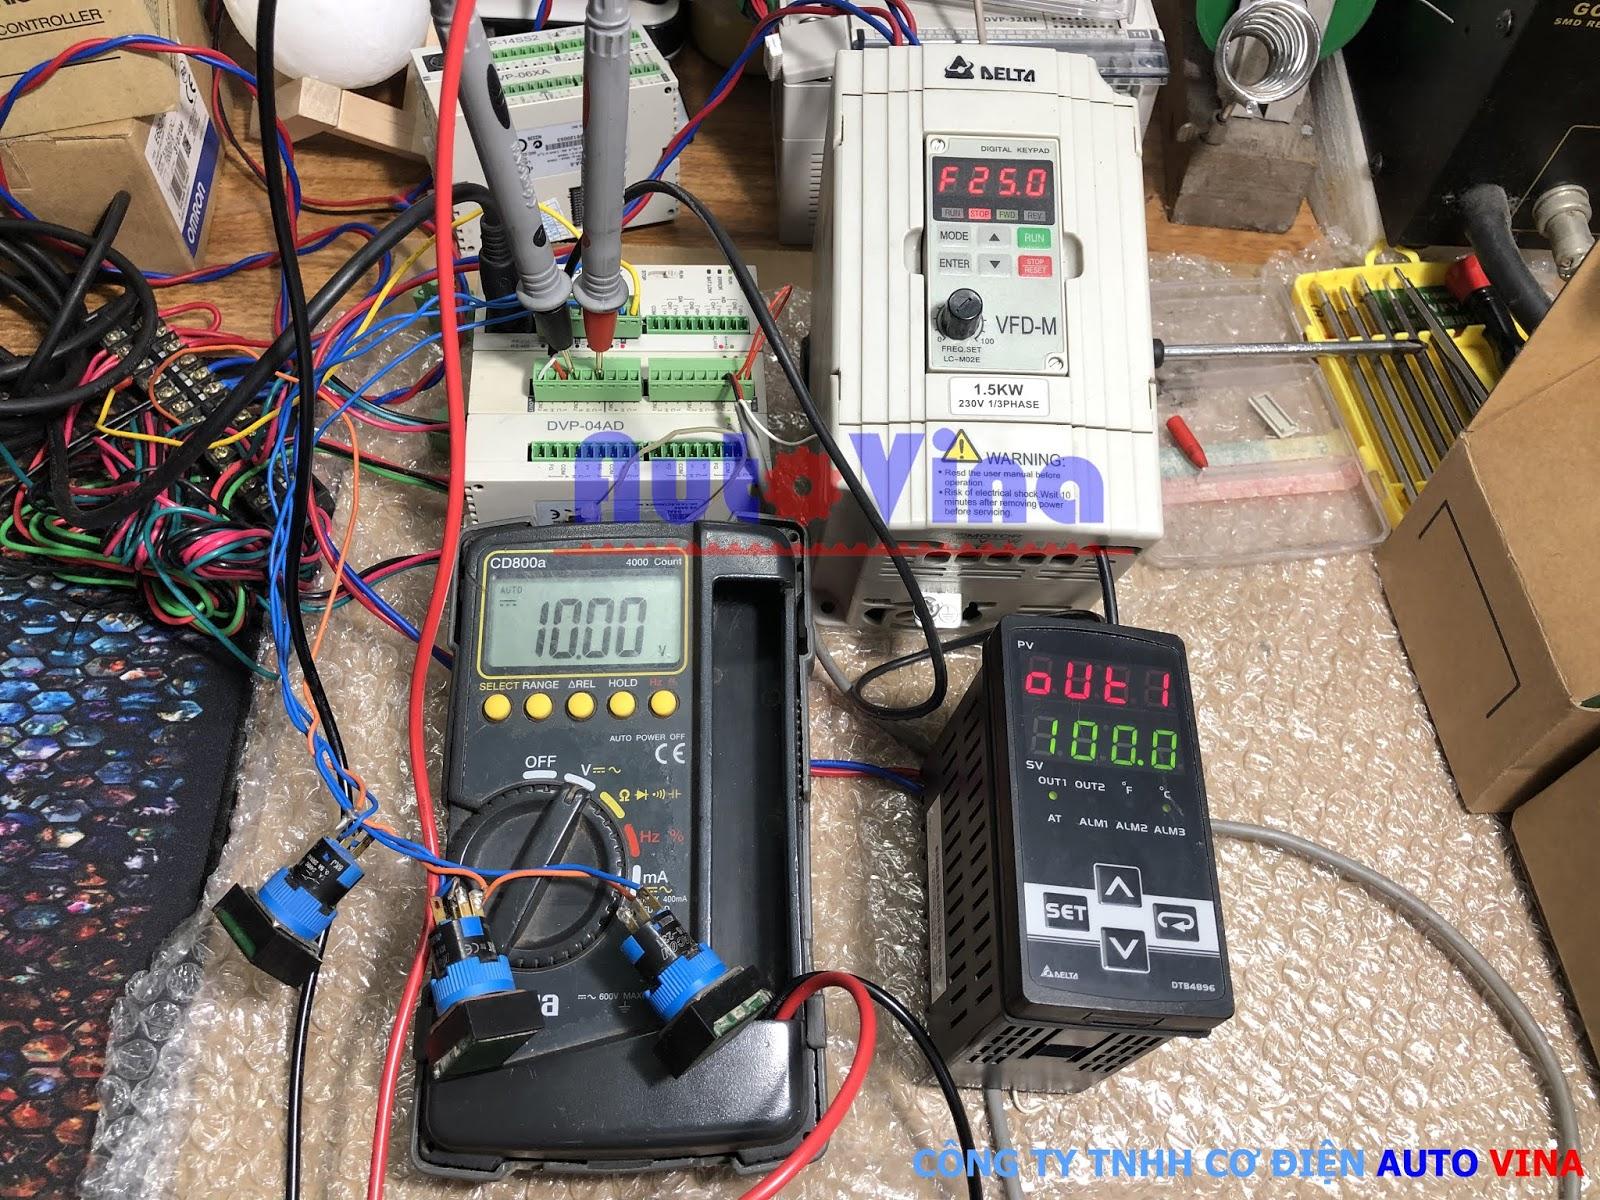 Hướng dẫn lập trình PLC Delta ghép nối module DVP06XA-S DVP06XA-S2